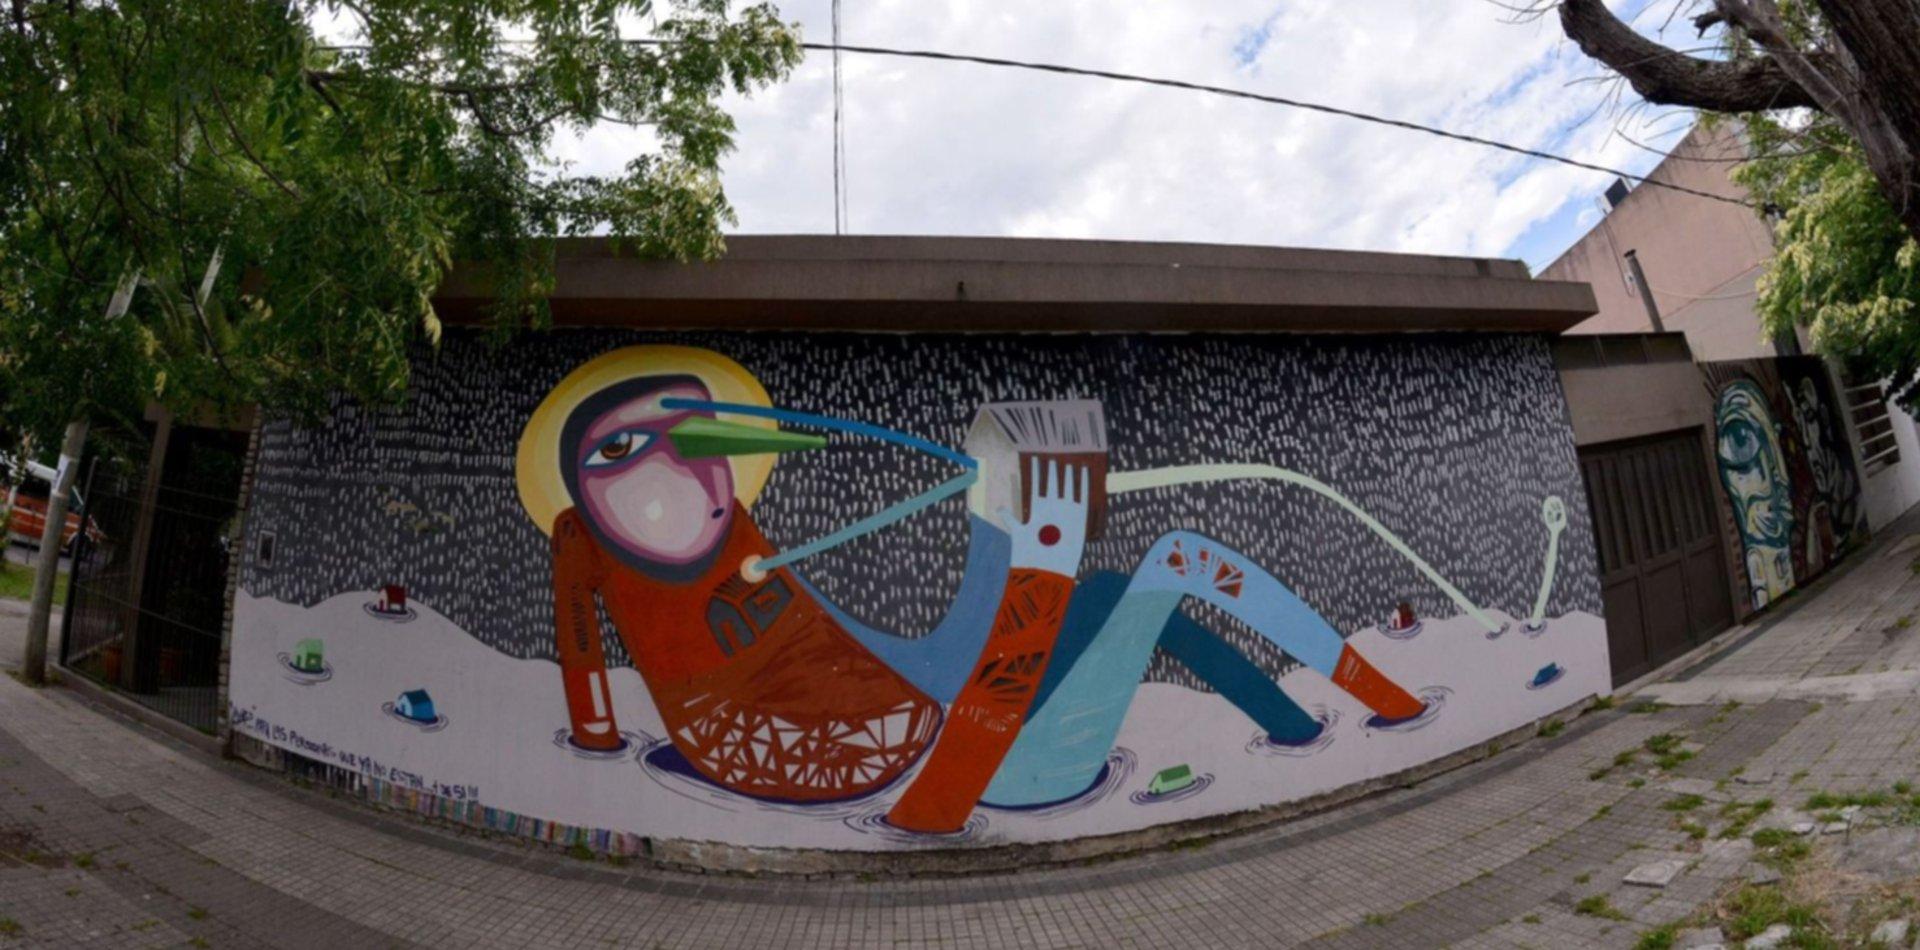 La historia que cuentan las paredes: seis simbólicos murales de la ciudad